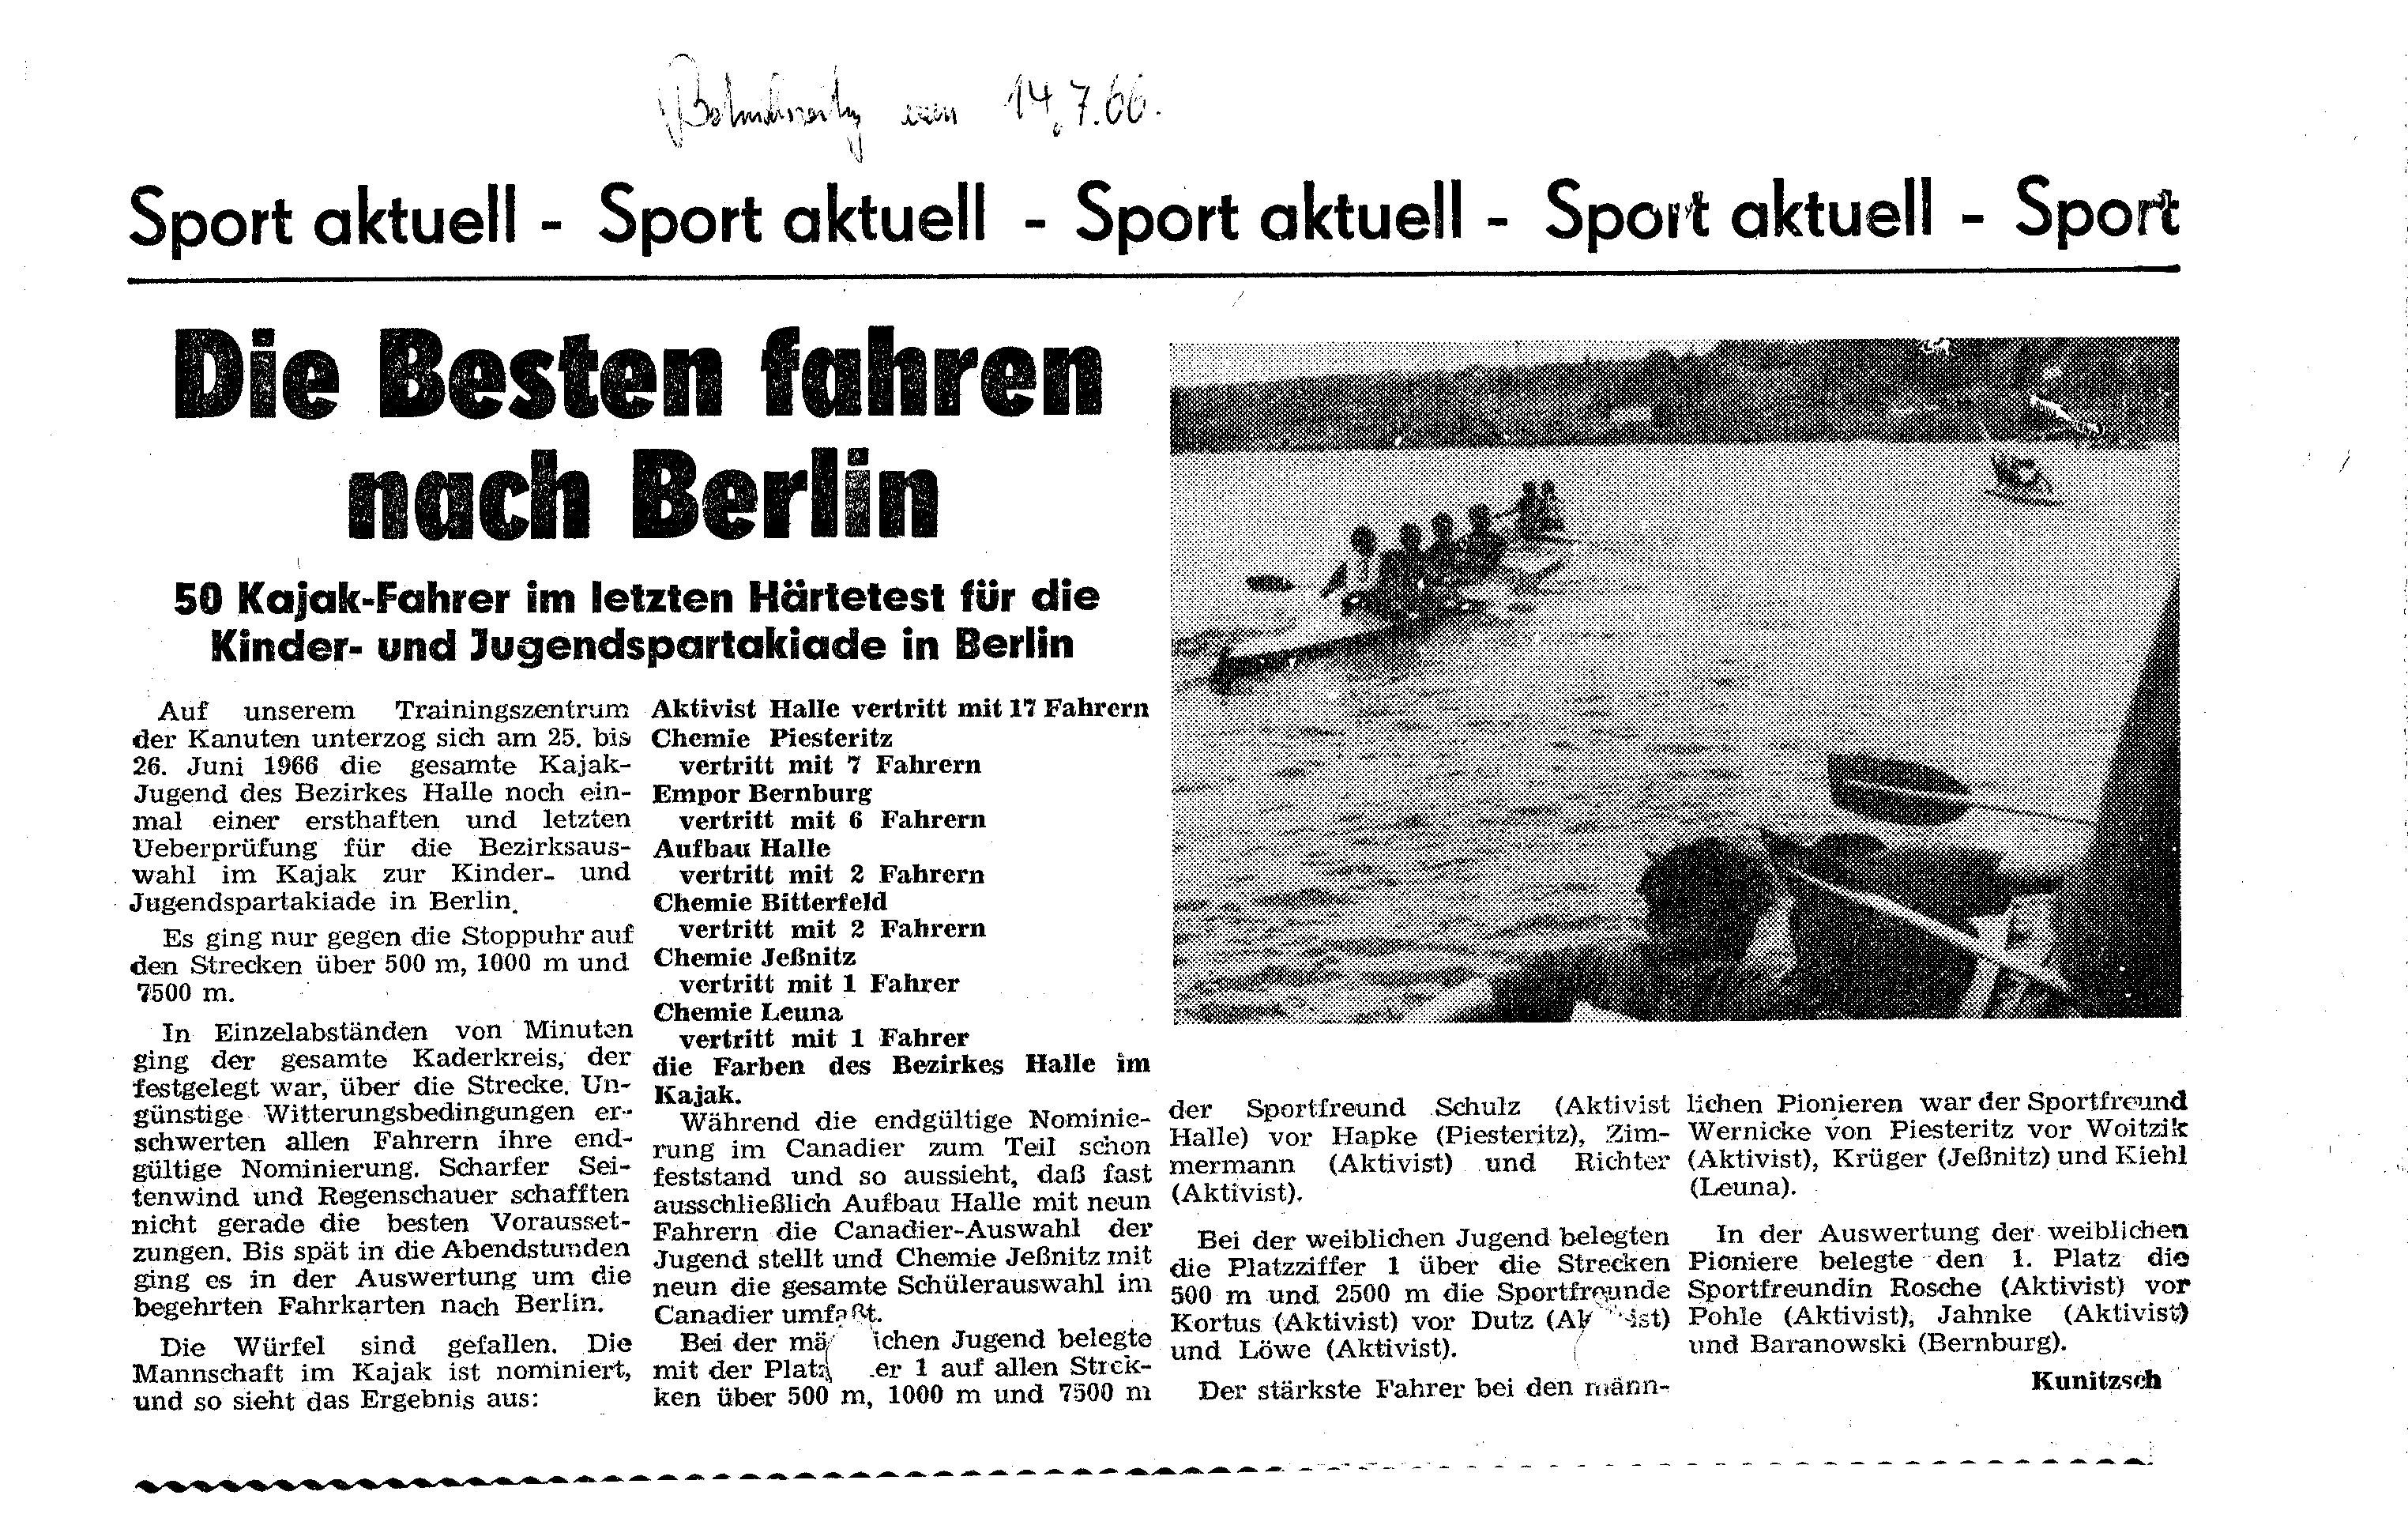 1966-07-14 Die Besten fahren nach Berlin